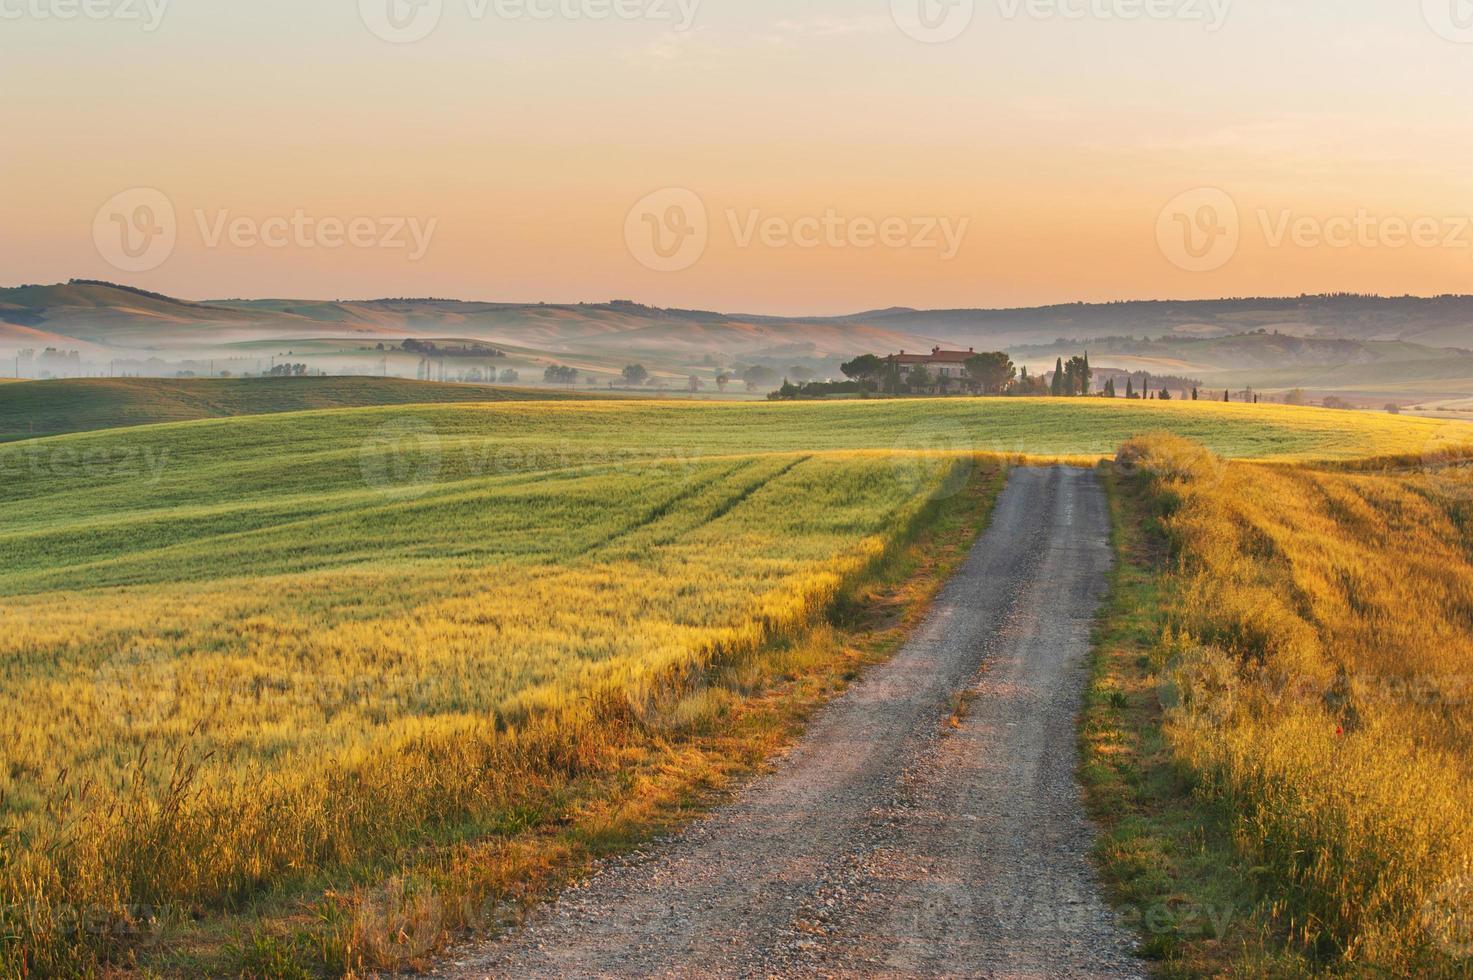 nebbia toscana nel sole dei campi, italia foto